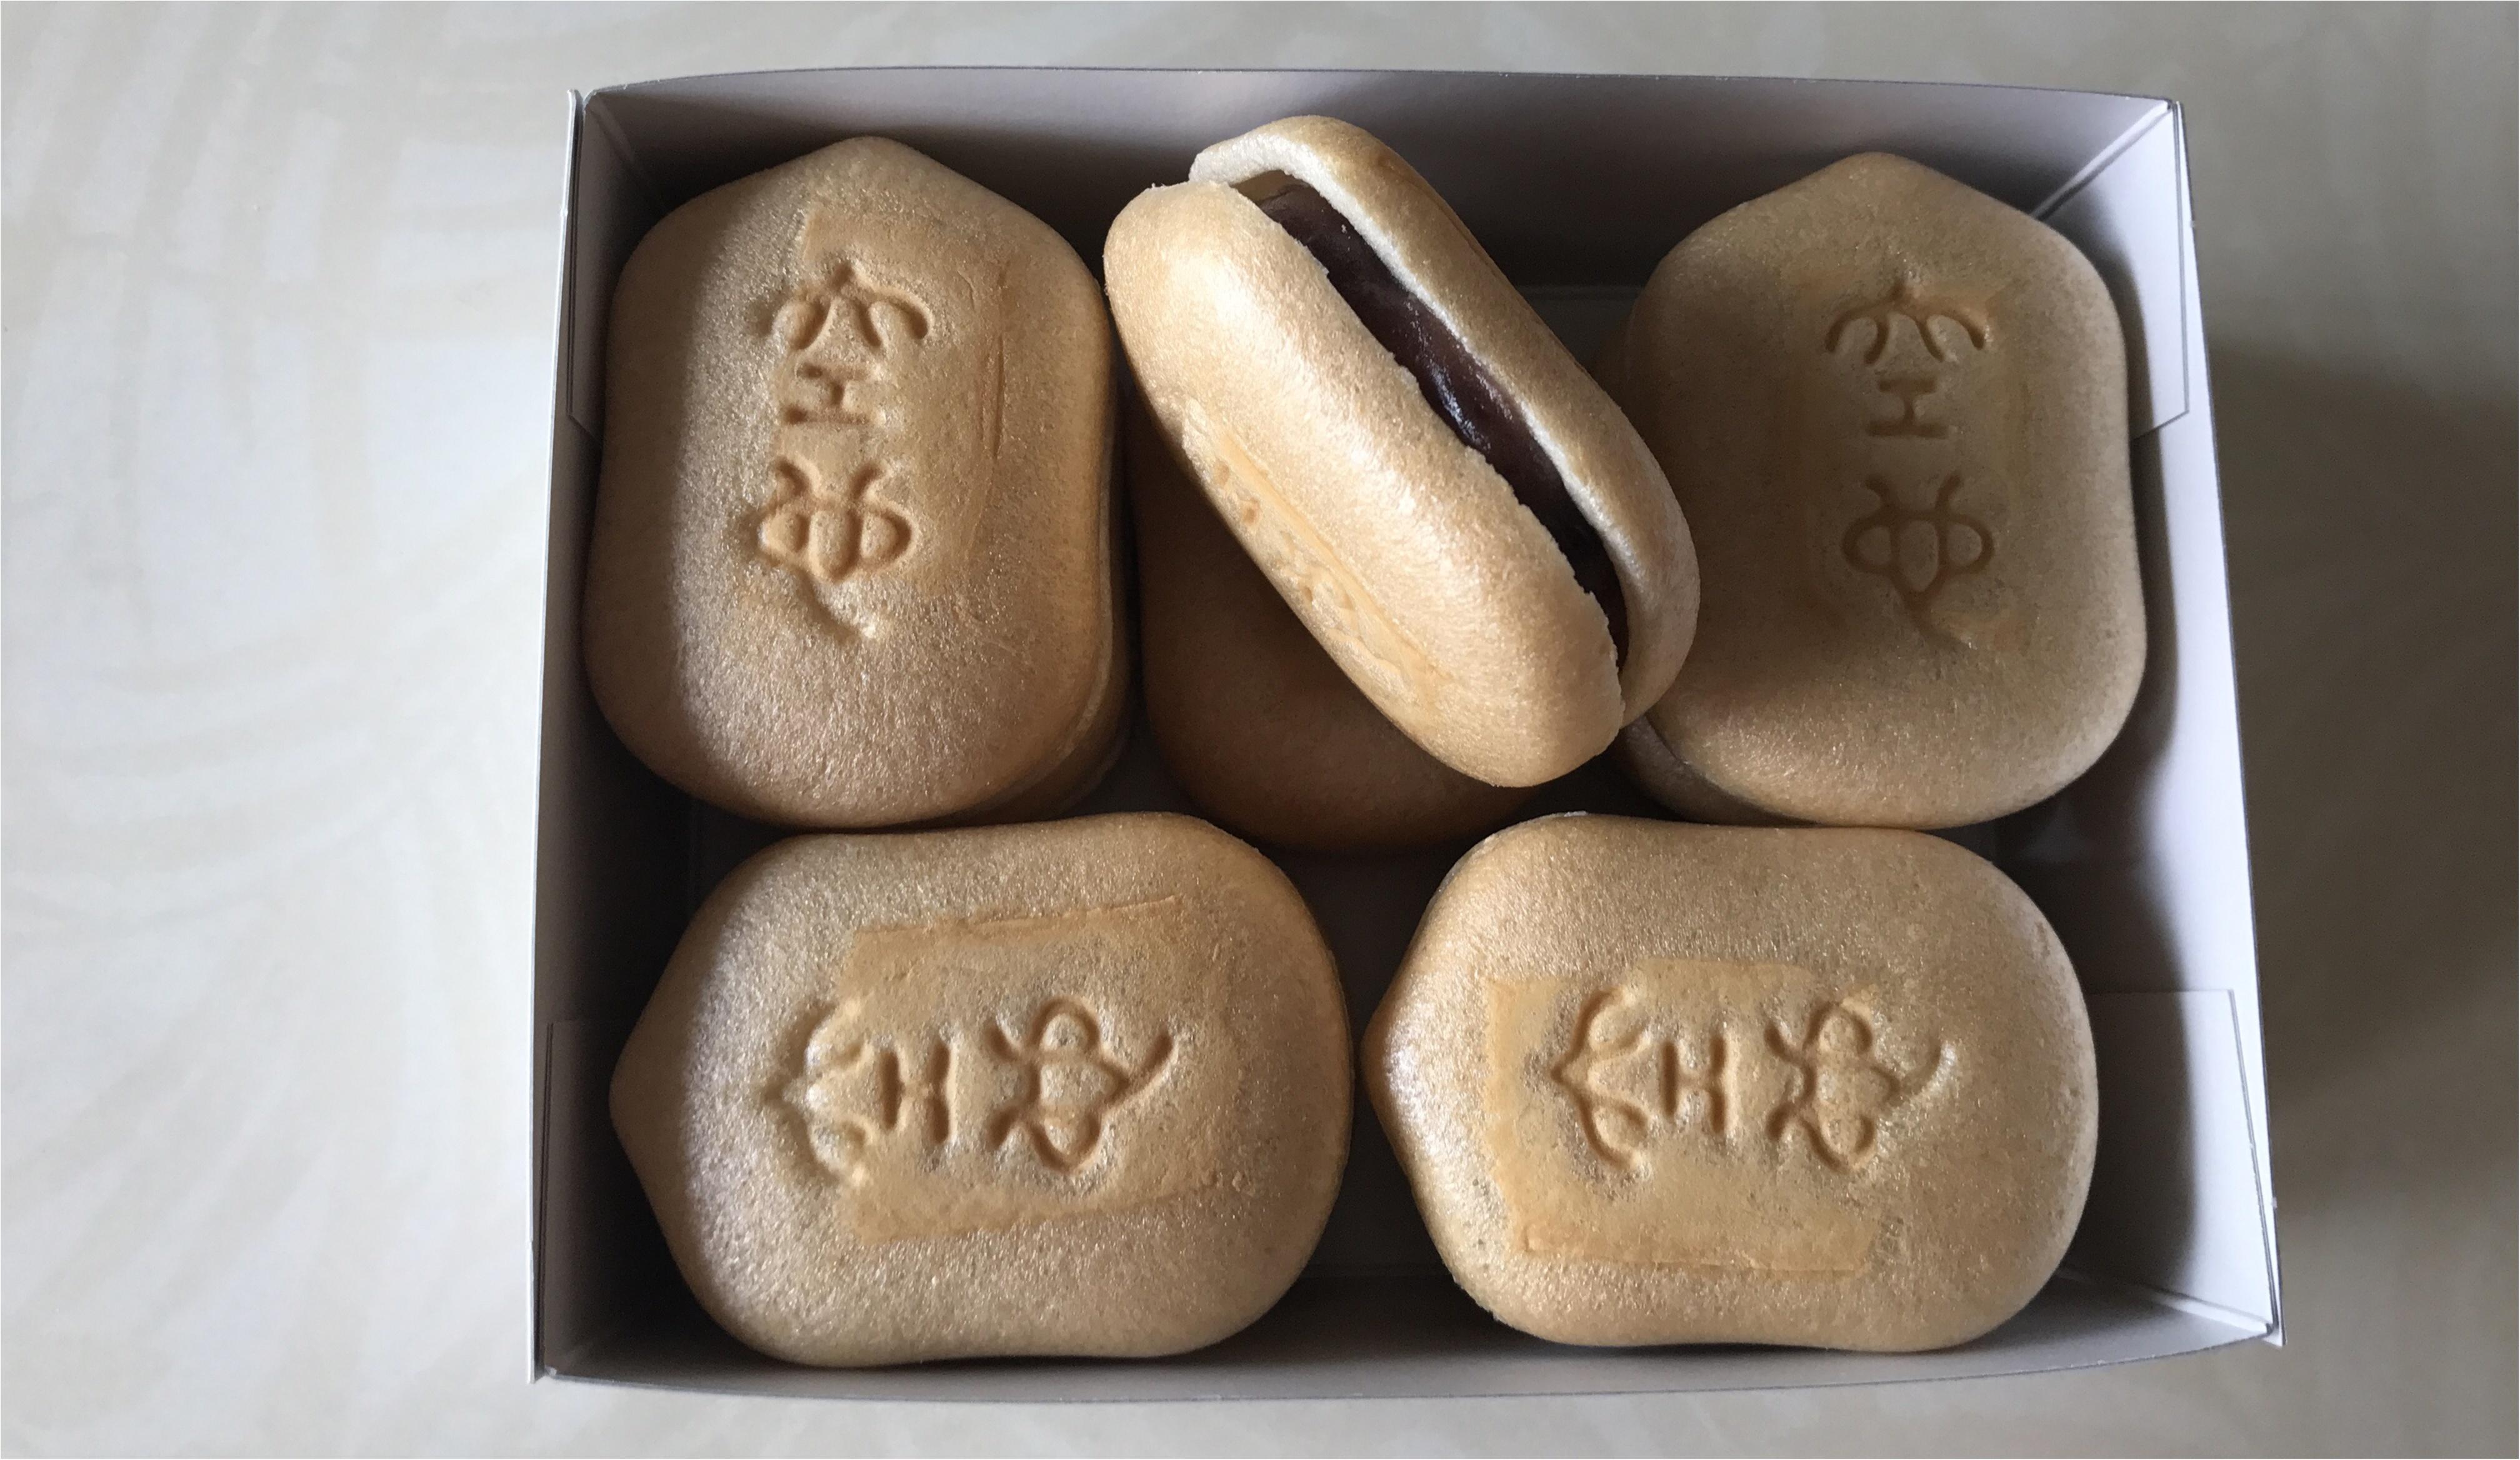 【和菓子の銘品】一度は食べて!帰省土産に予約必須、褒められ必須の絶品最中_5